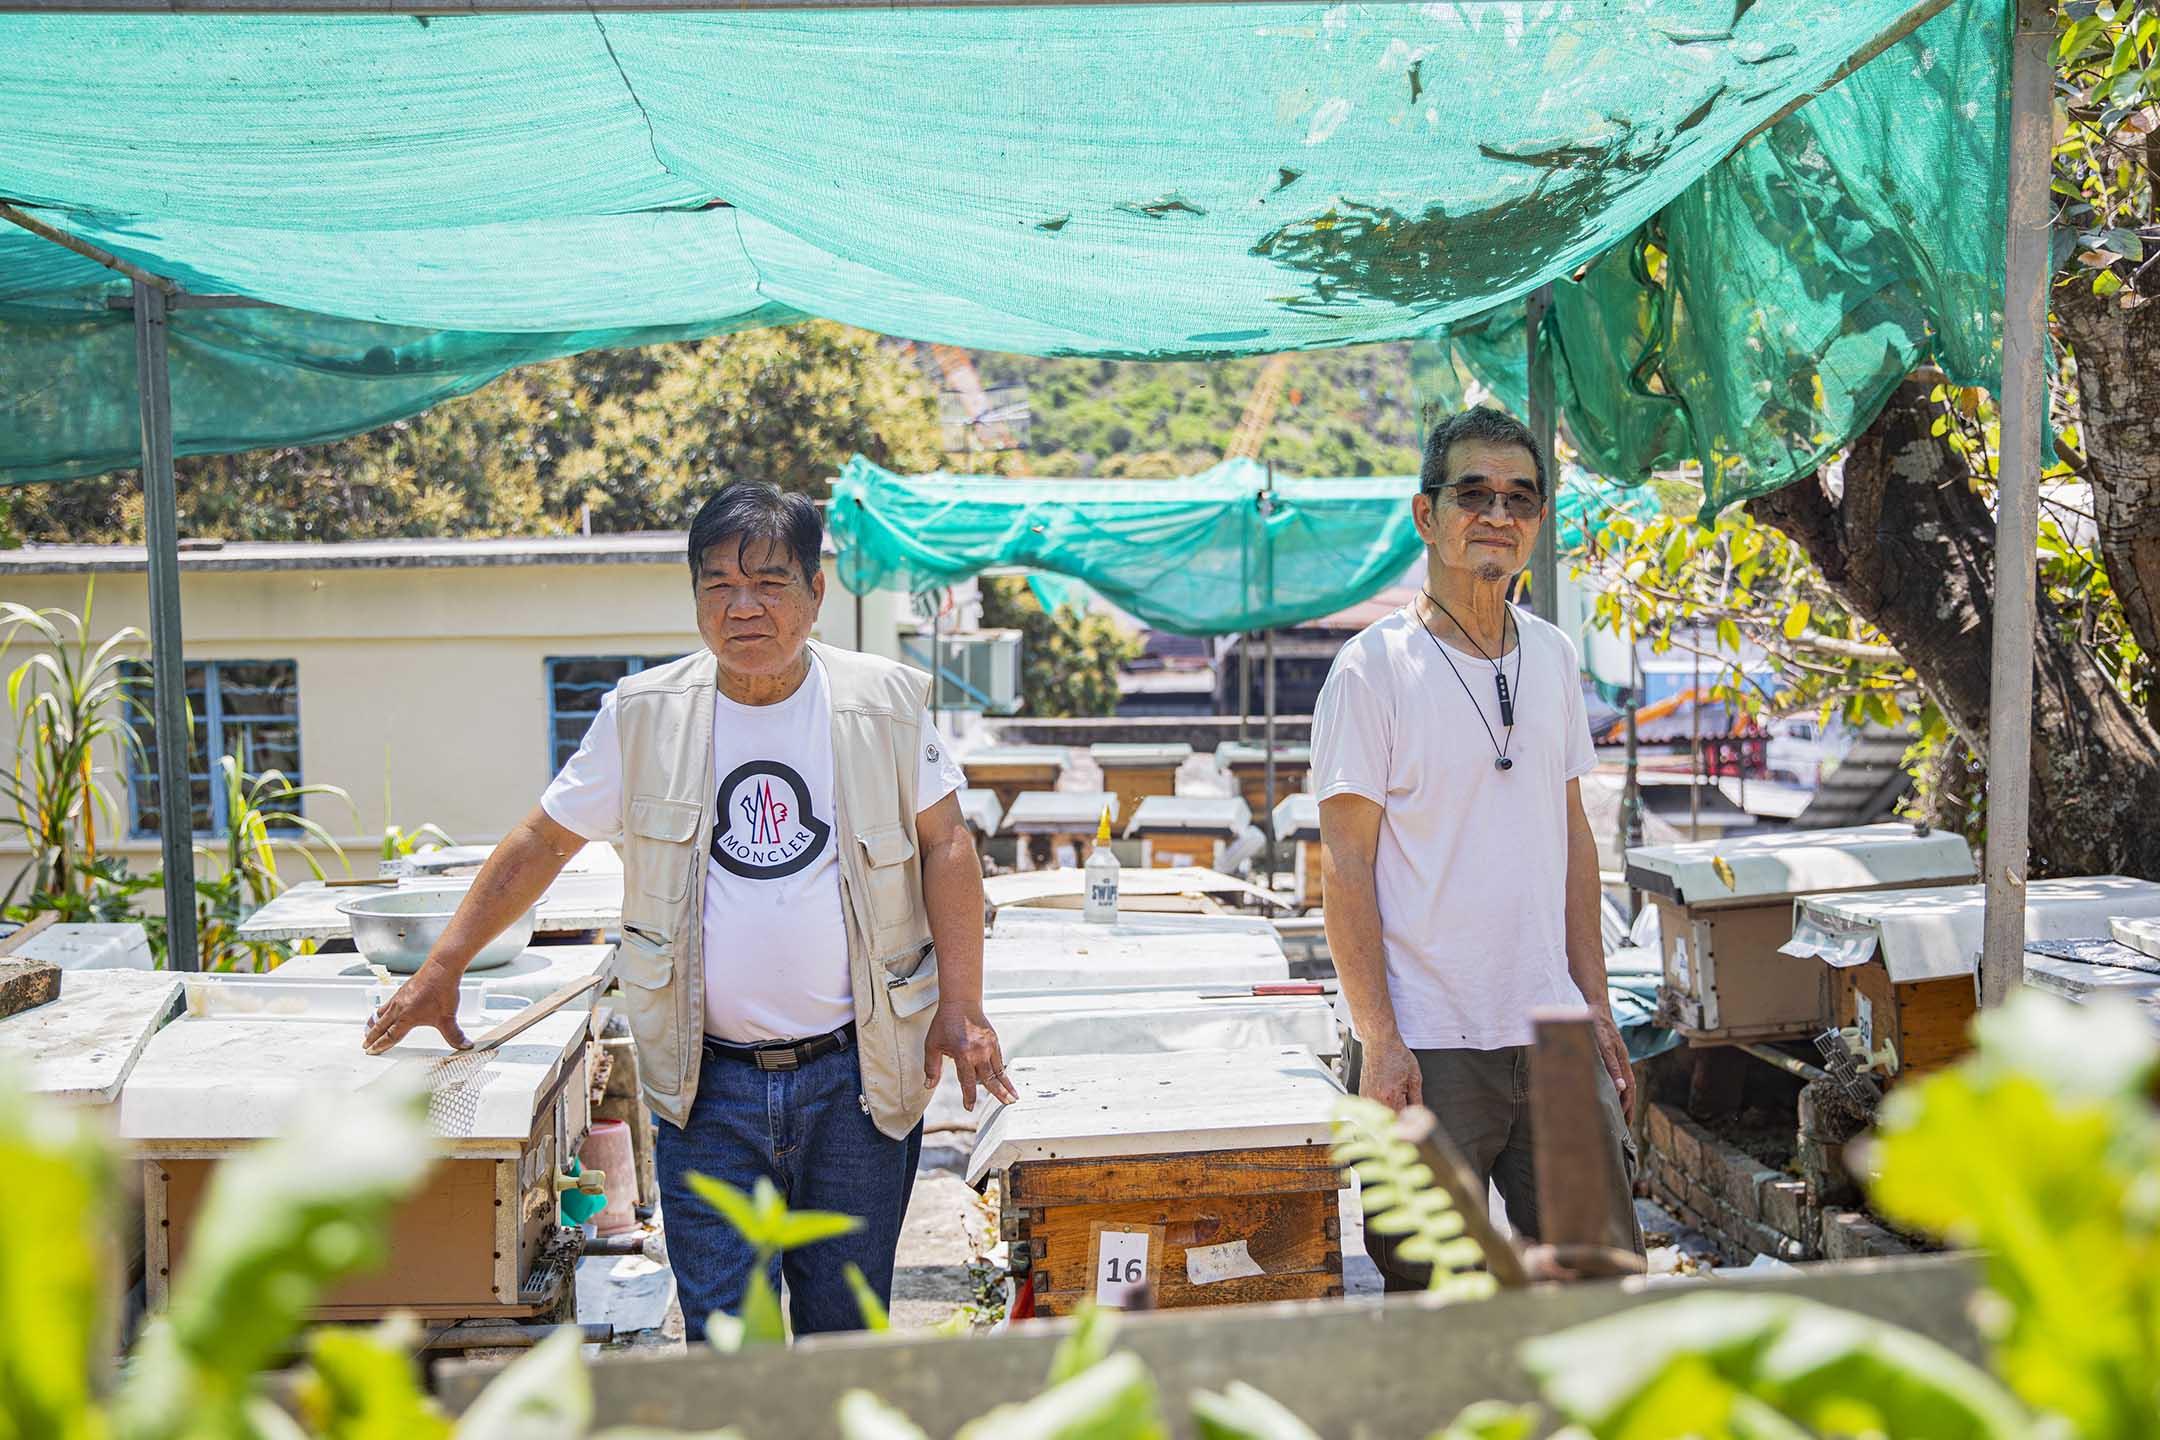 陳師傅和朋友在粉嶺布格仔村家中的後庭飼養了近50箱蜜蜂。